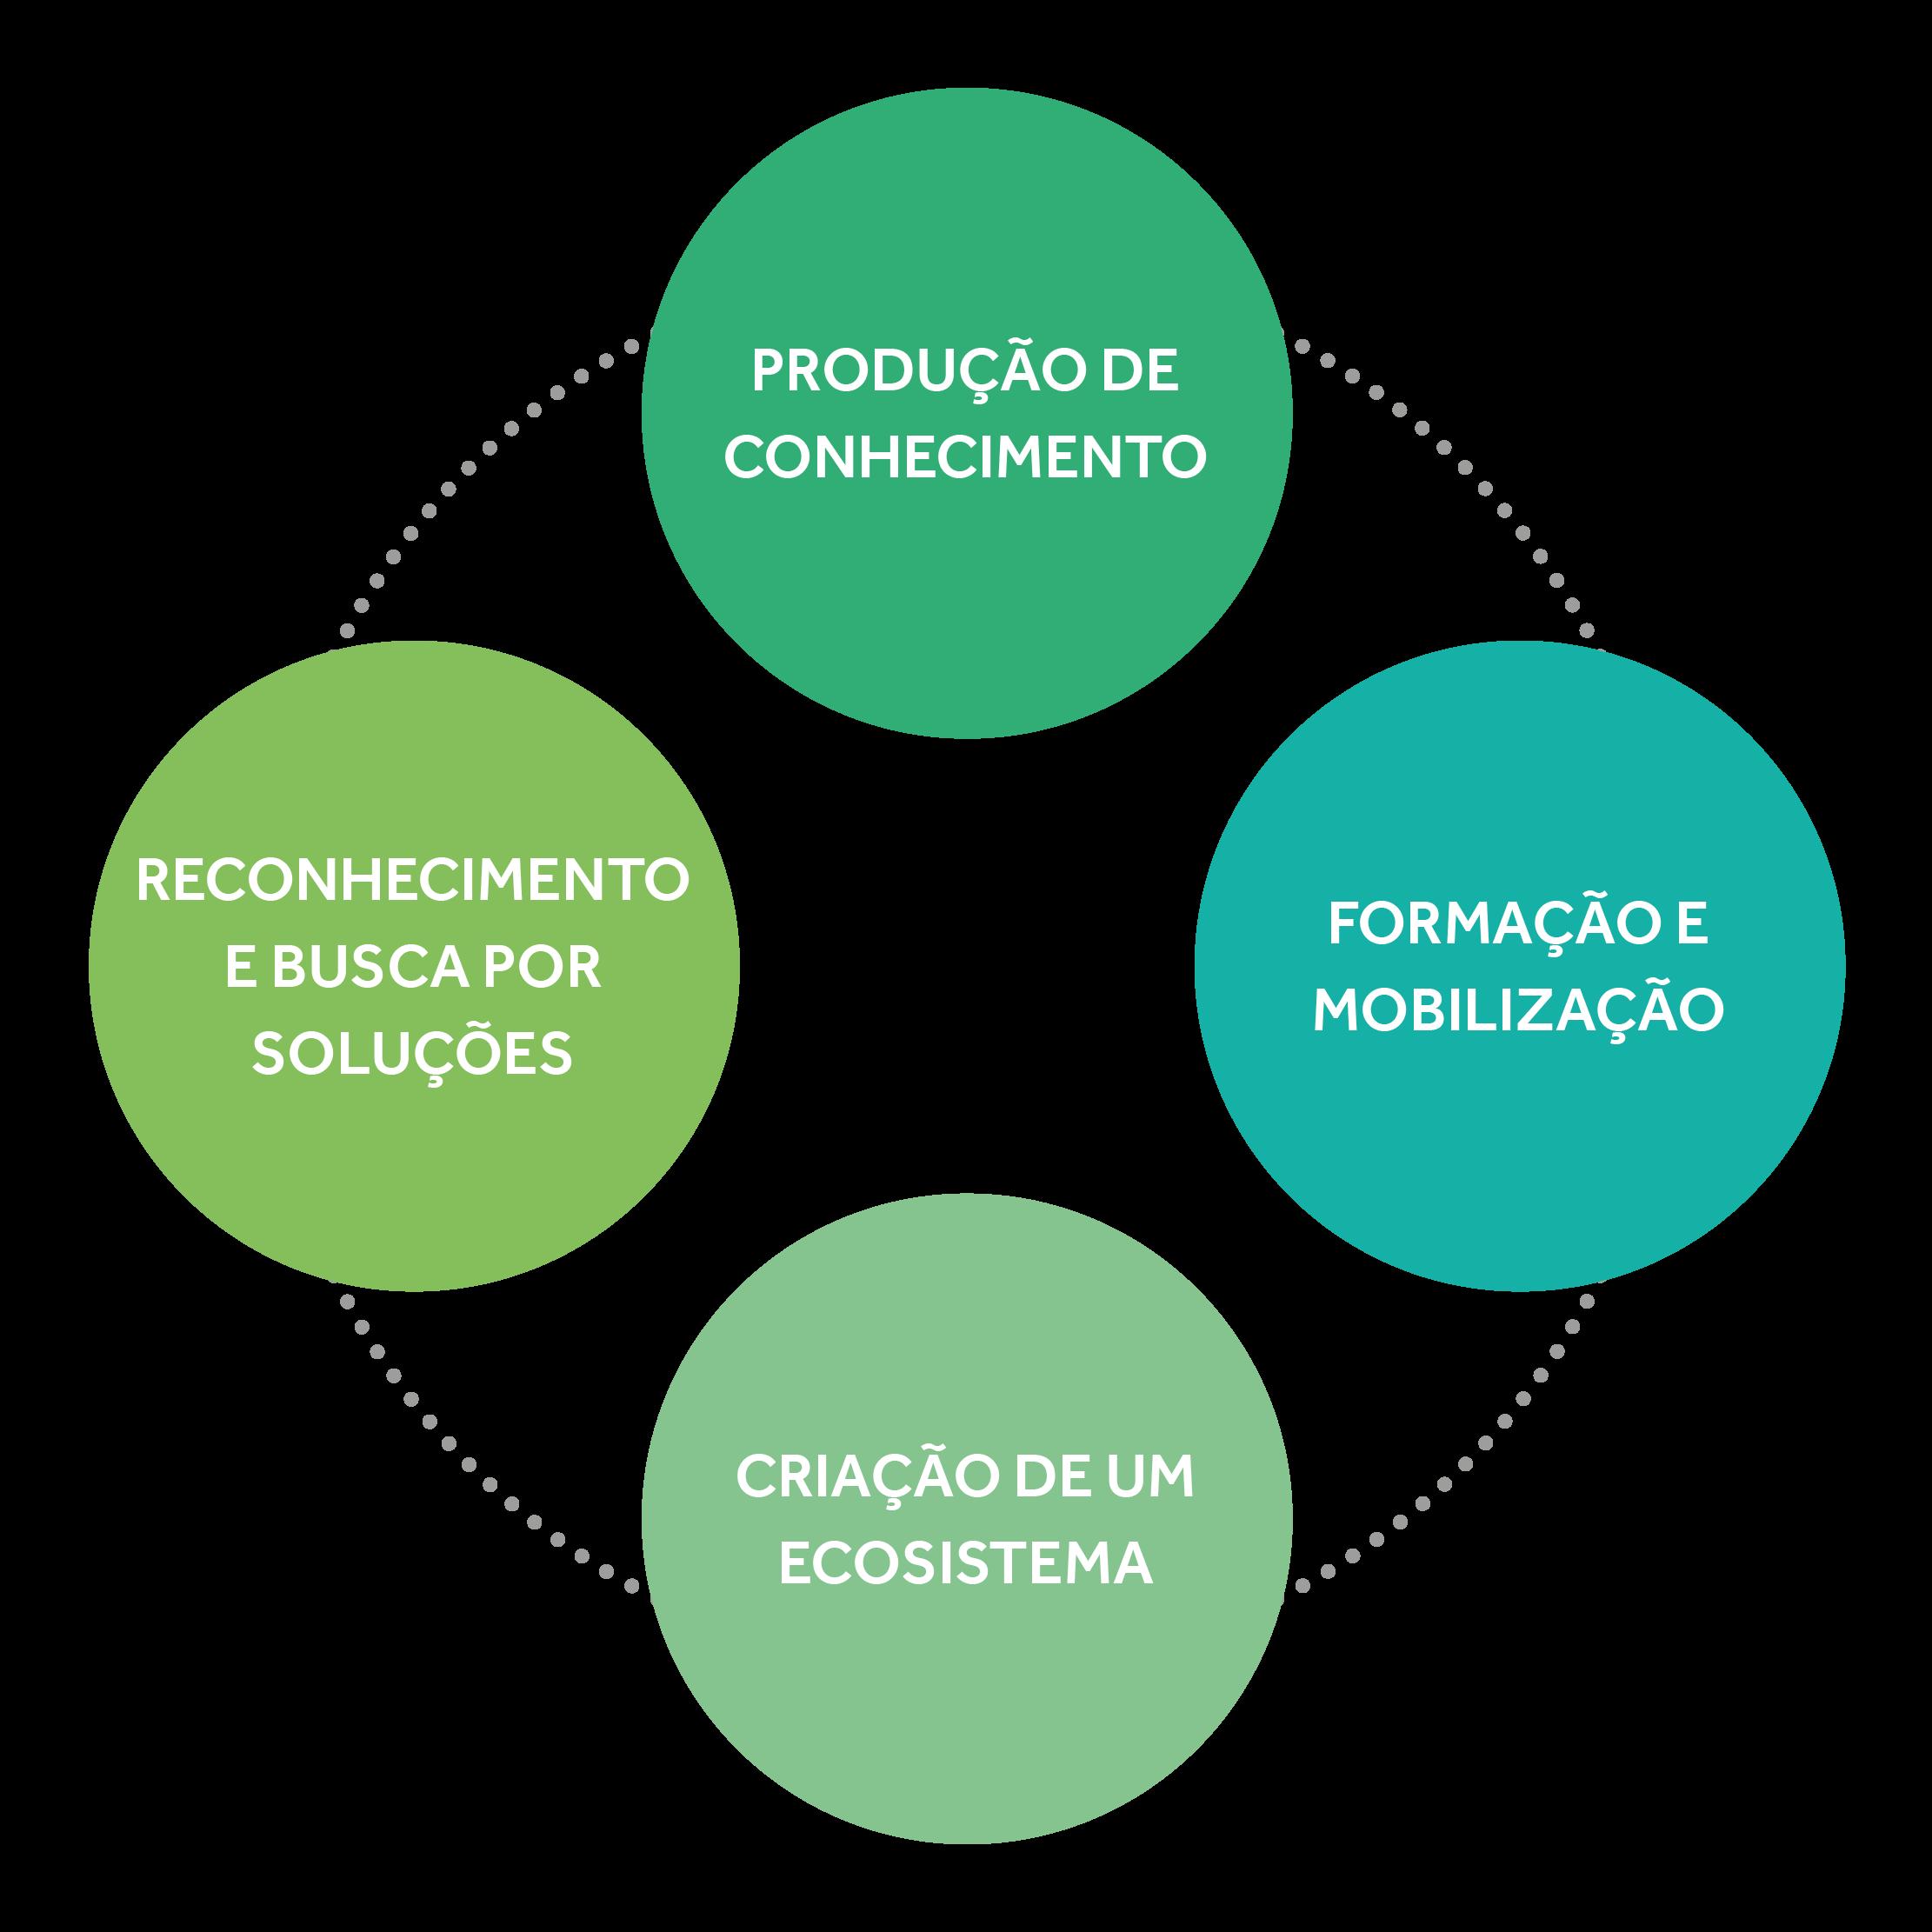 Diagrama de atuação em gestão de pessoas no setor público com 4 esferas: produção de conhecimento, formação e mobilização, criação de um ecossistema e reconhecimento e busca por soluções